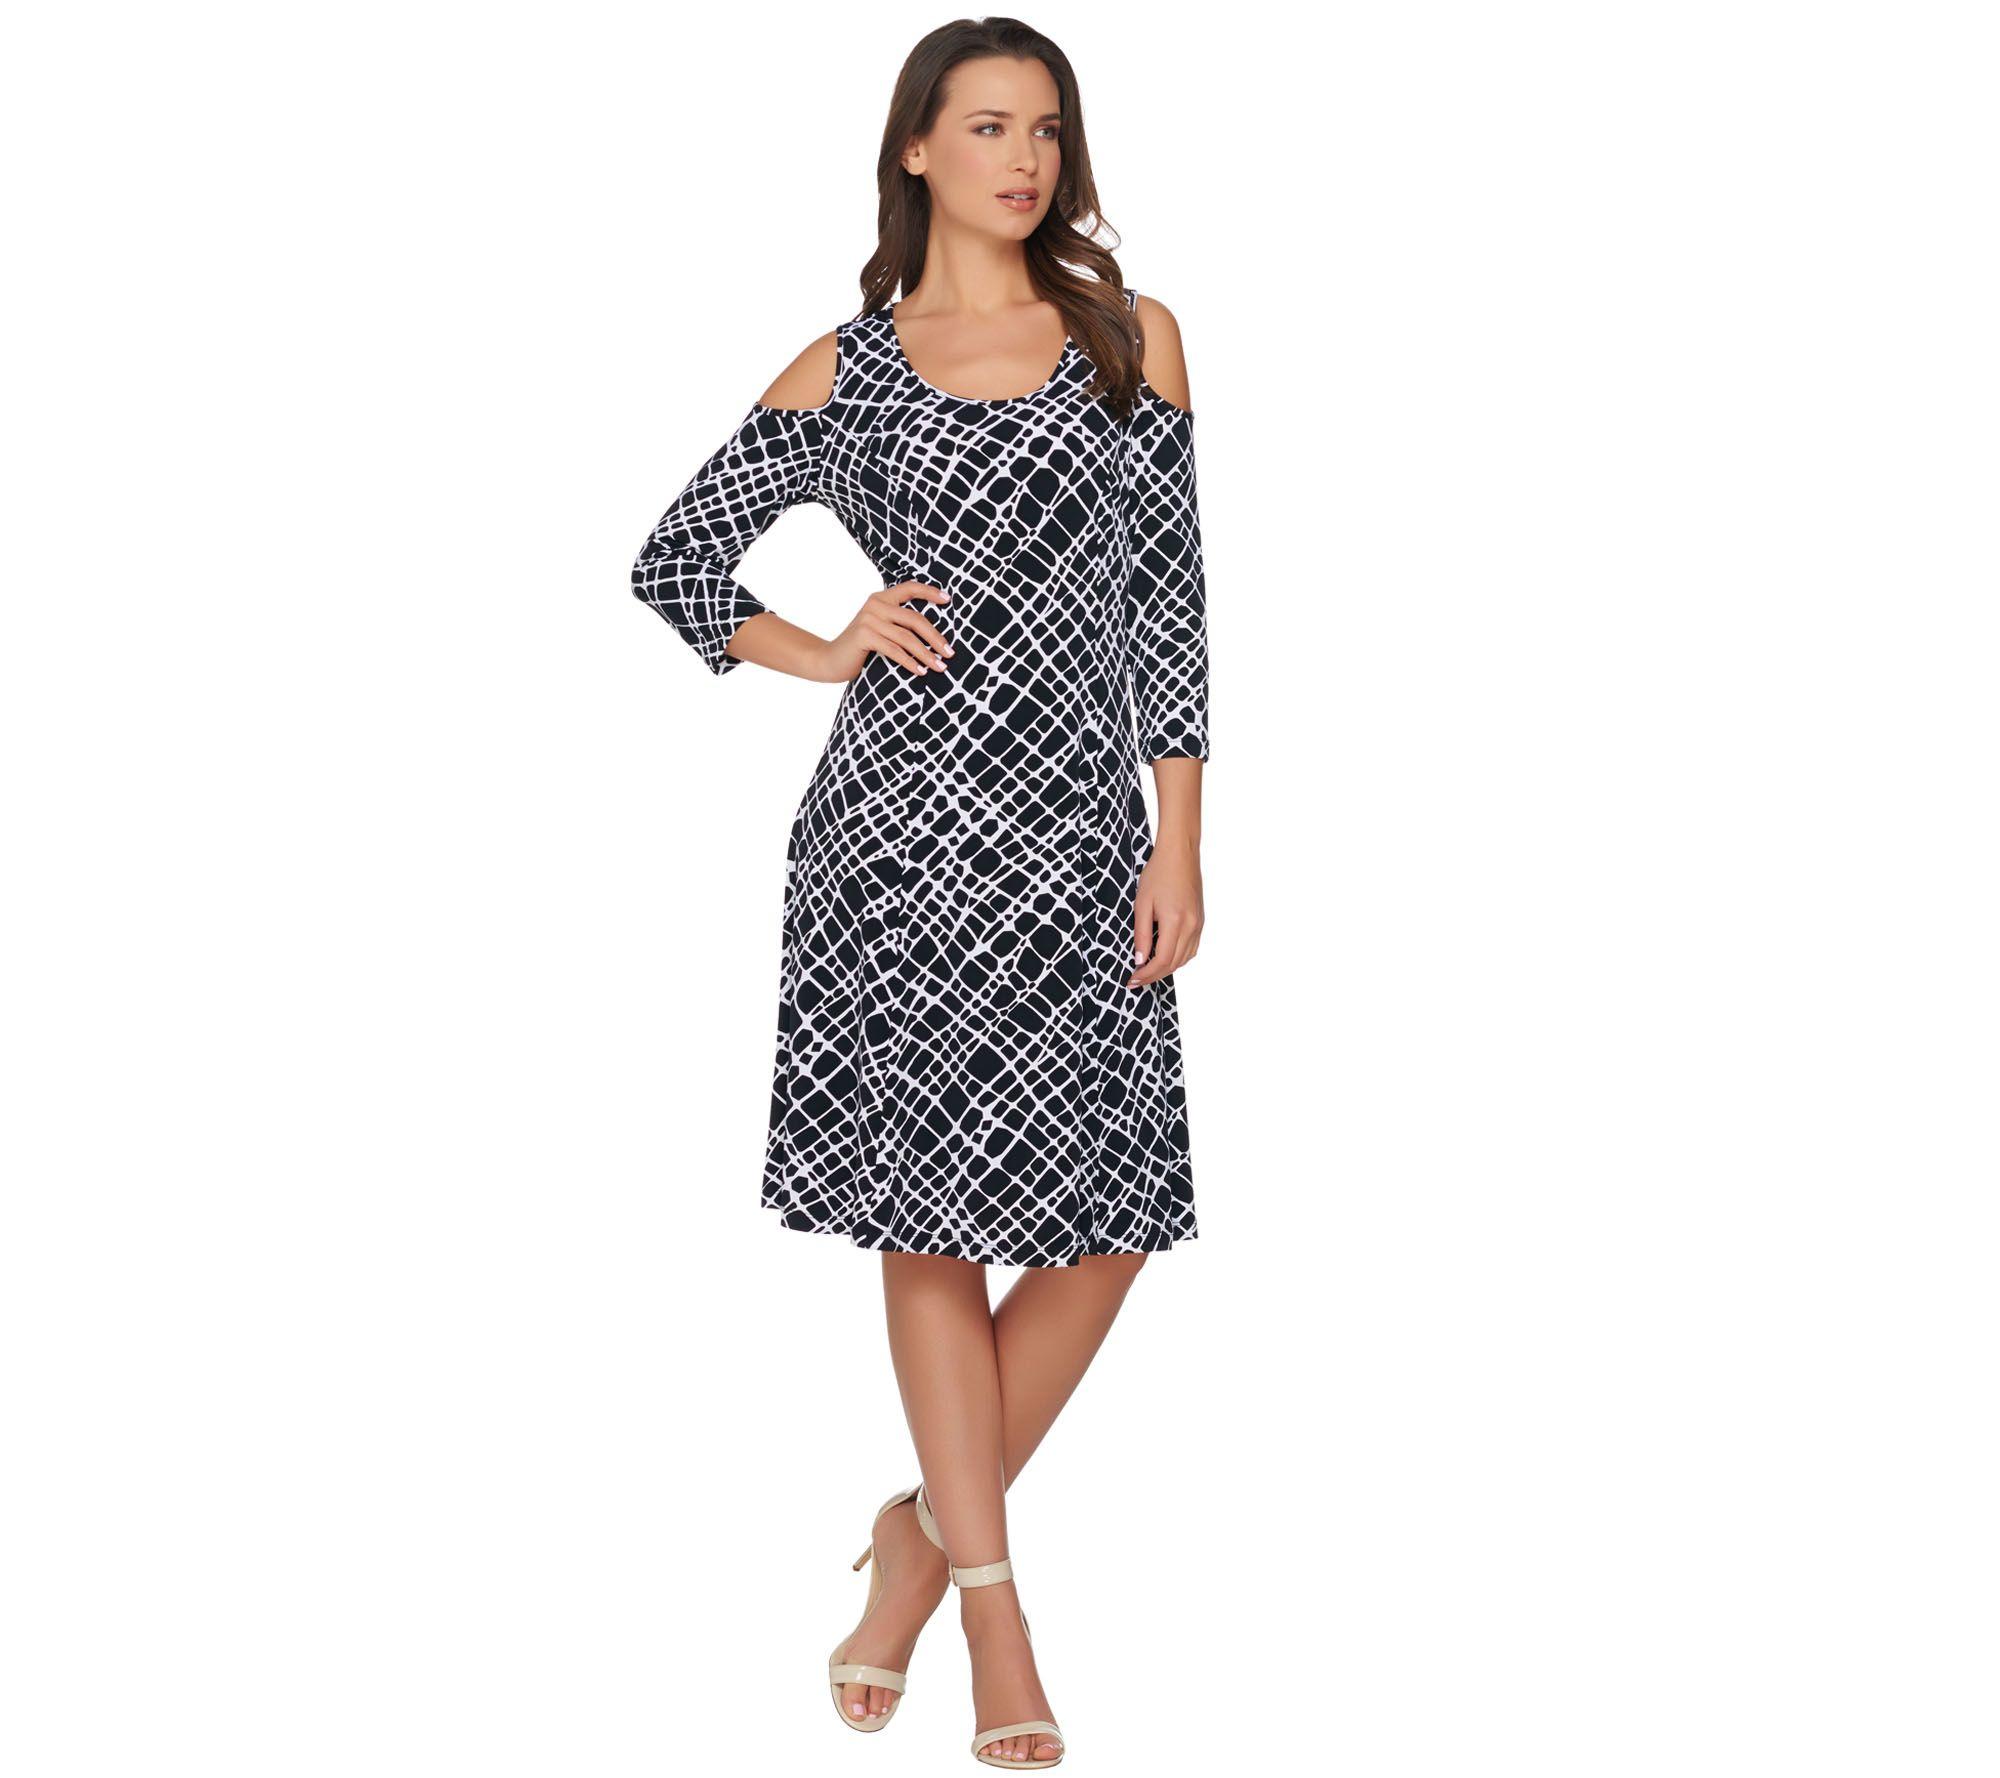 dc3fc8afc28 Susan Graver Liquid Knit 3 4 Sleeve Cold Shoulder Dress - Page 1 — QVC.com